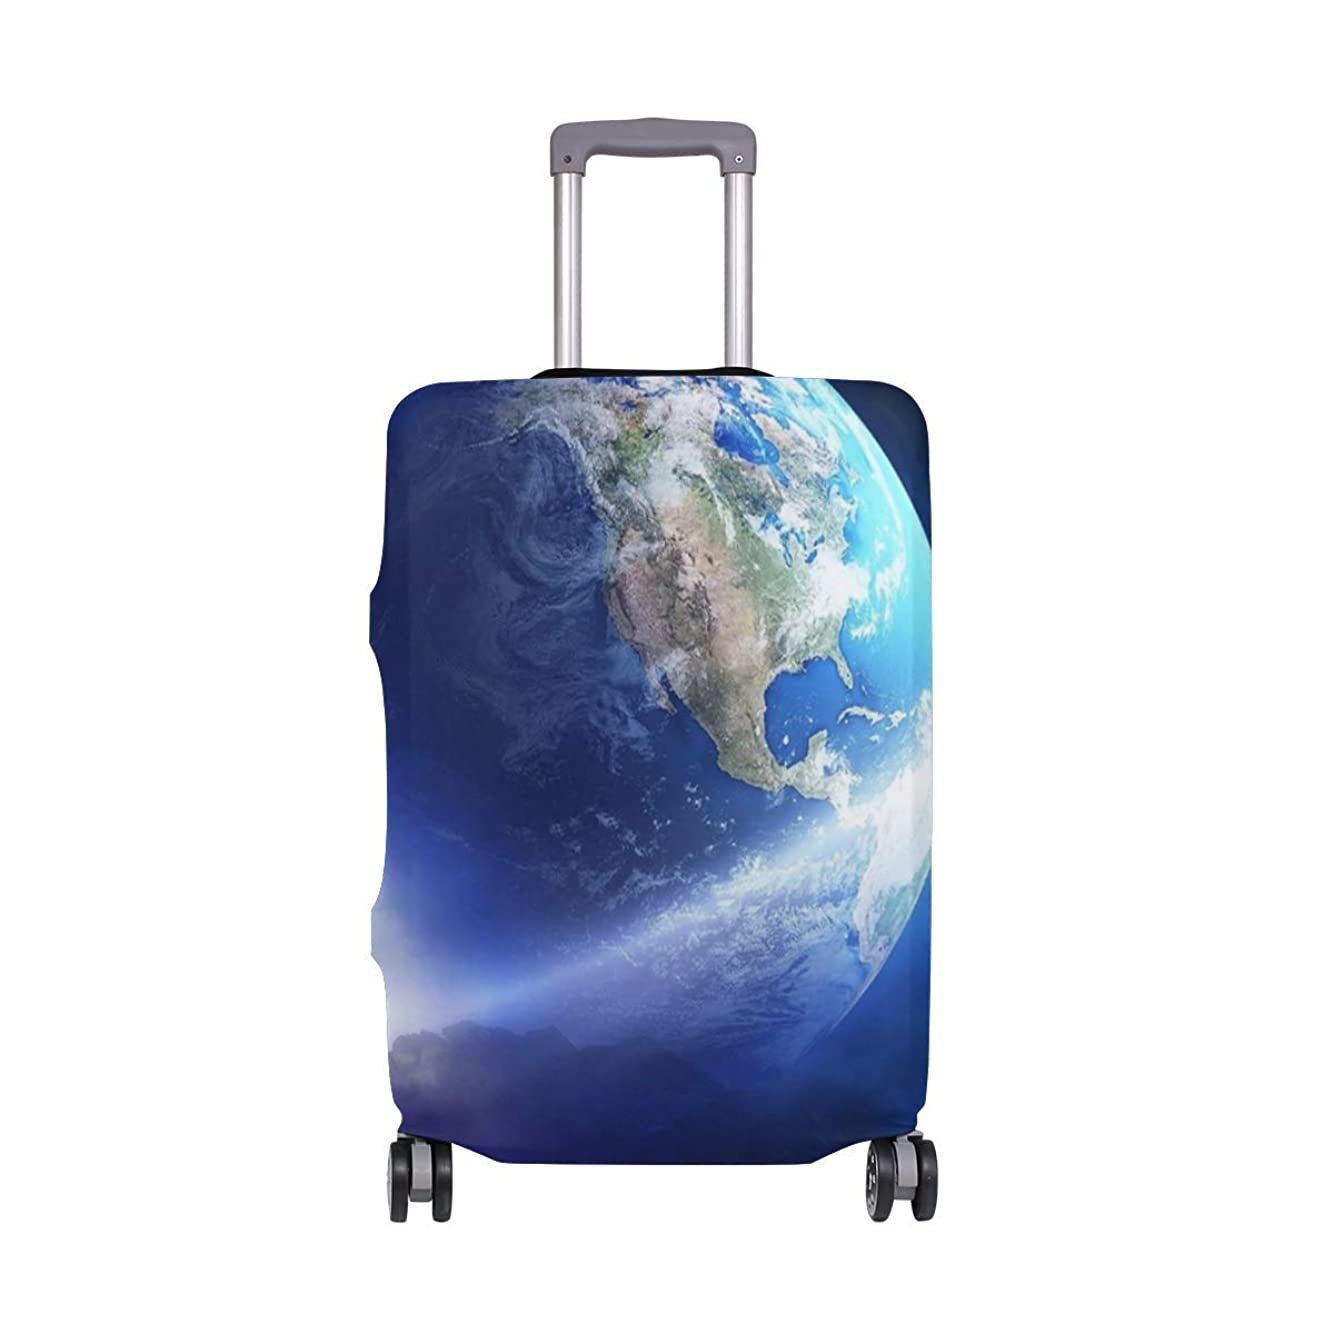 値祝うやけど繊細な印刷では、地球彗星スーツケースプロテクター弾性旅行荷物カバー防雨手荷物カバー